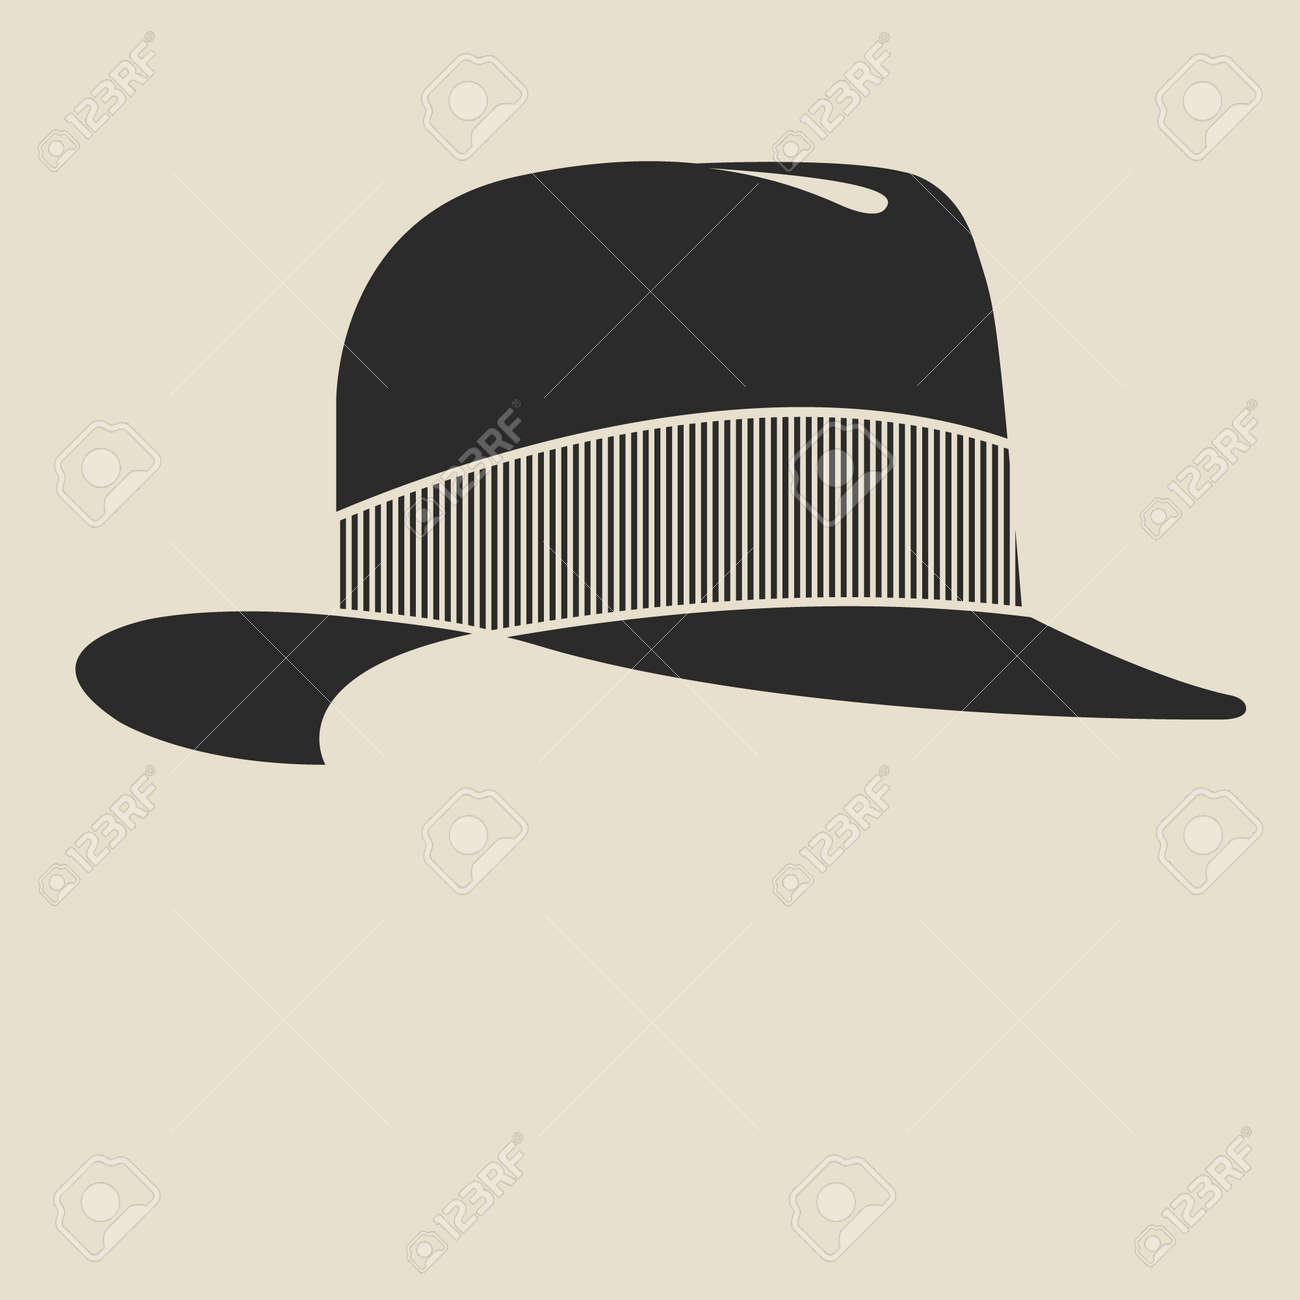 Vintage Man S Felt Hat Label. Design Template For Label, Banner ...